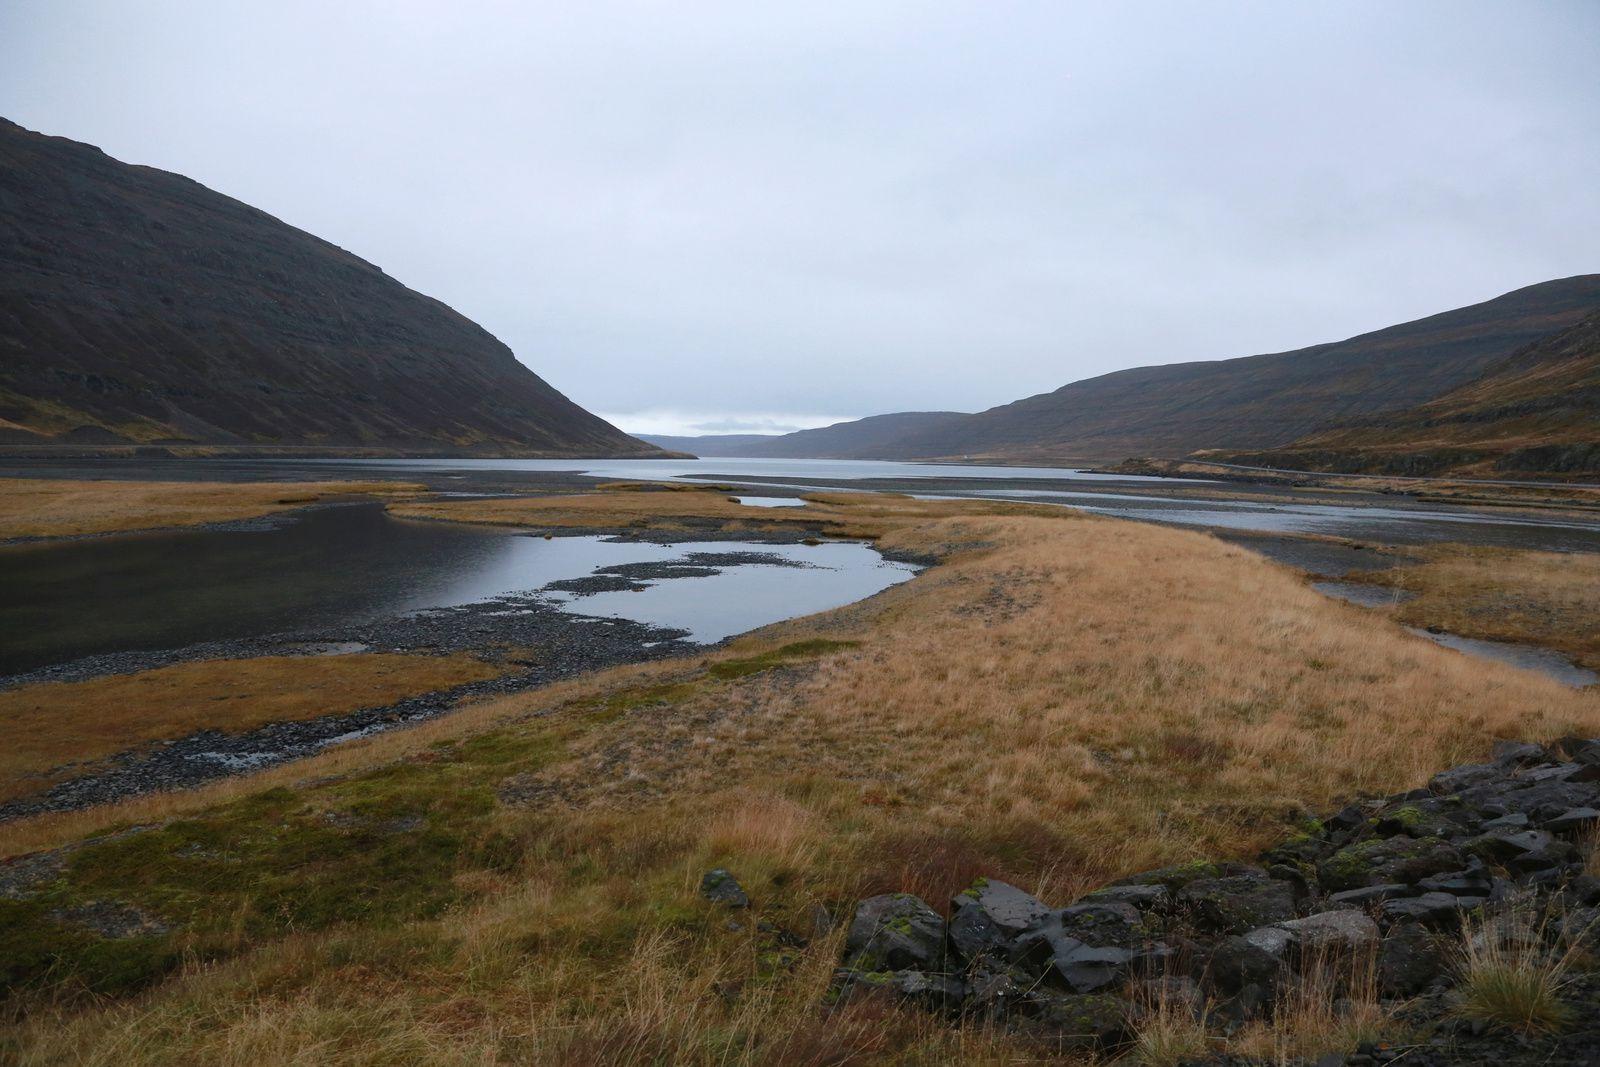 Ísafjarðardjúp - 1°fjord - photo © Bernard Duyck 10.2016